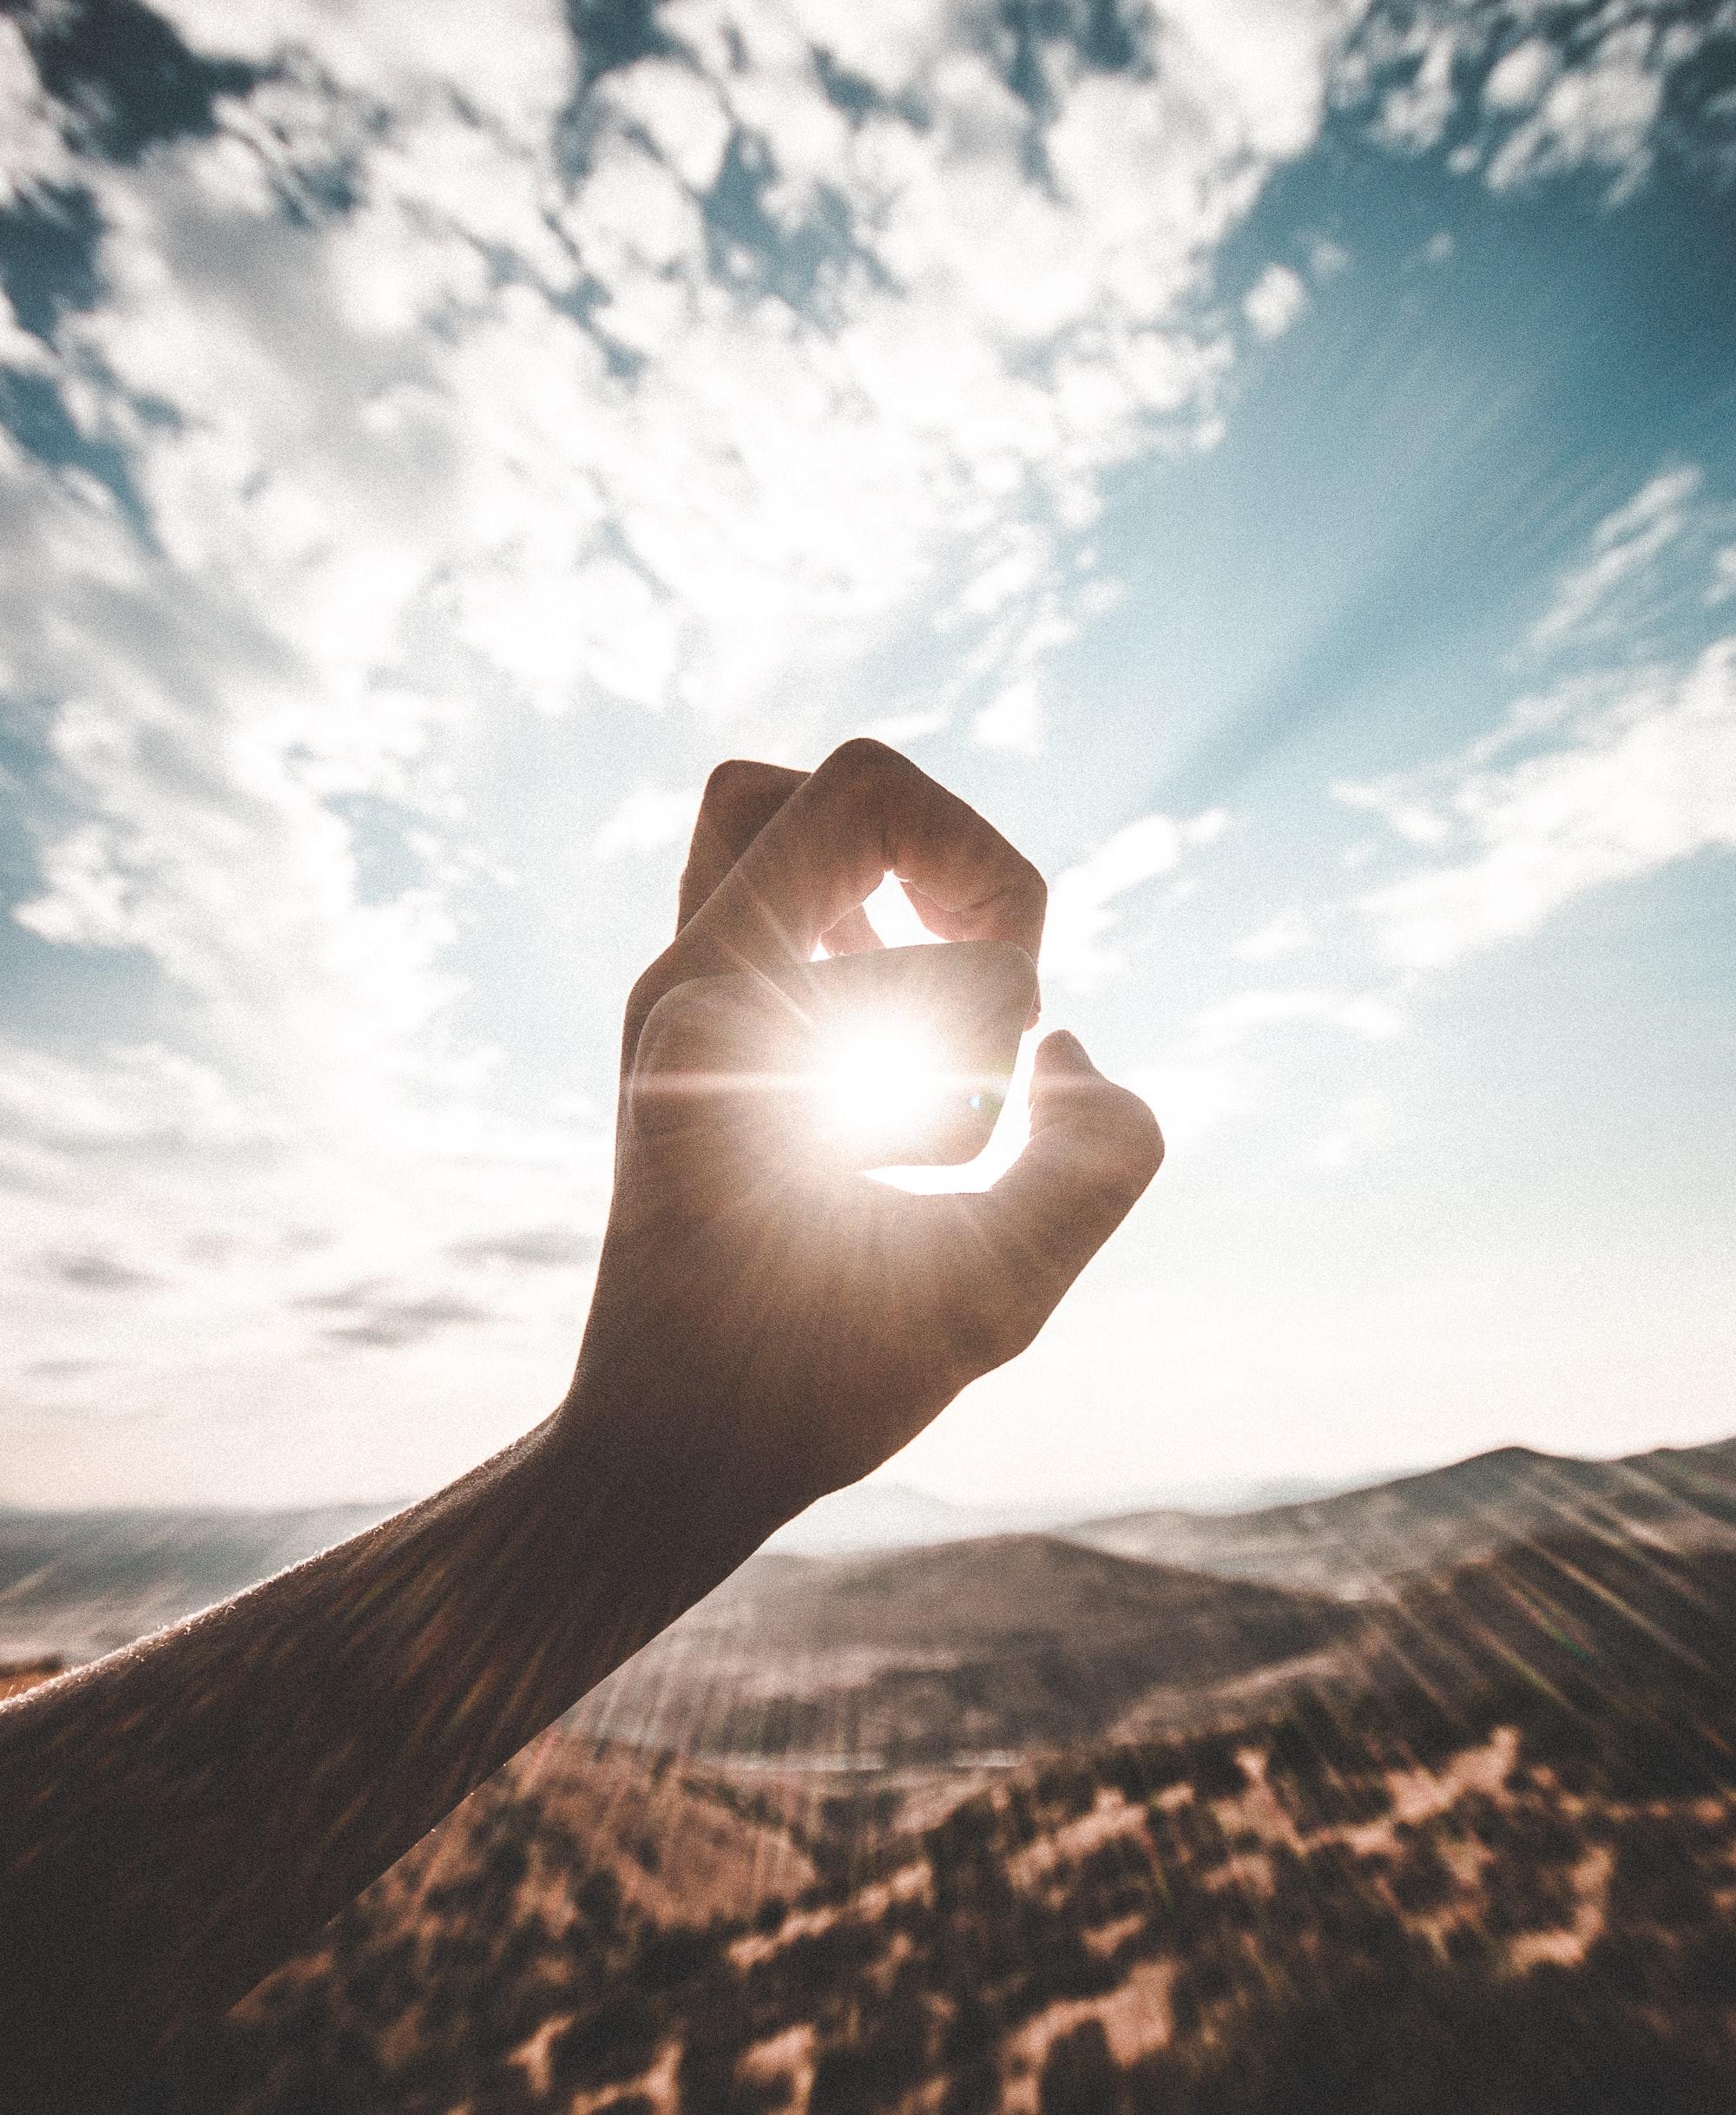 愛は太陽の如く